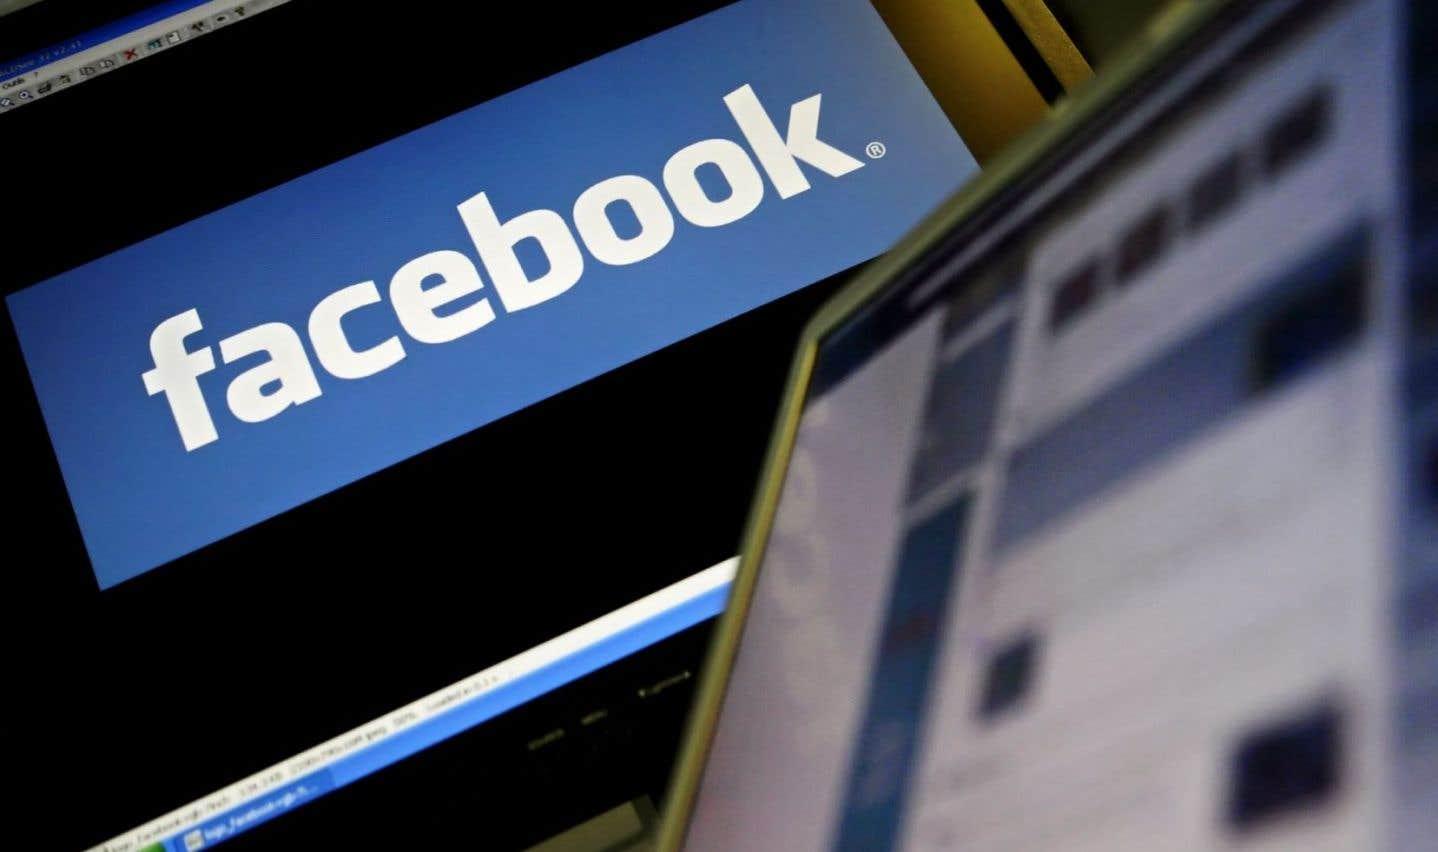 Les moins de 25ans se détournent de Facebook aux États-Unis